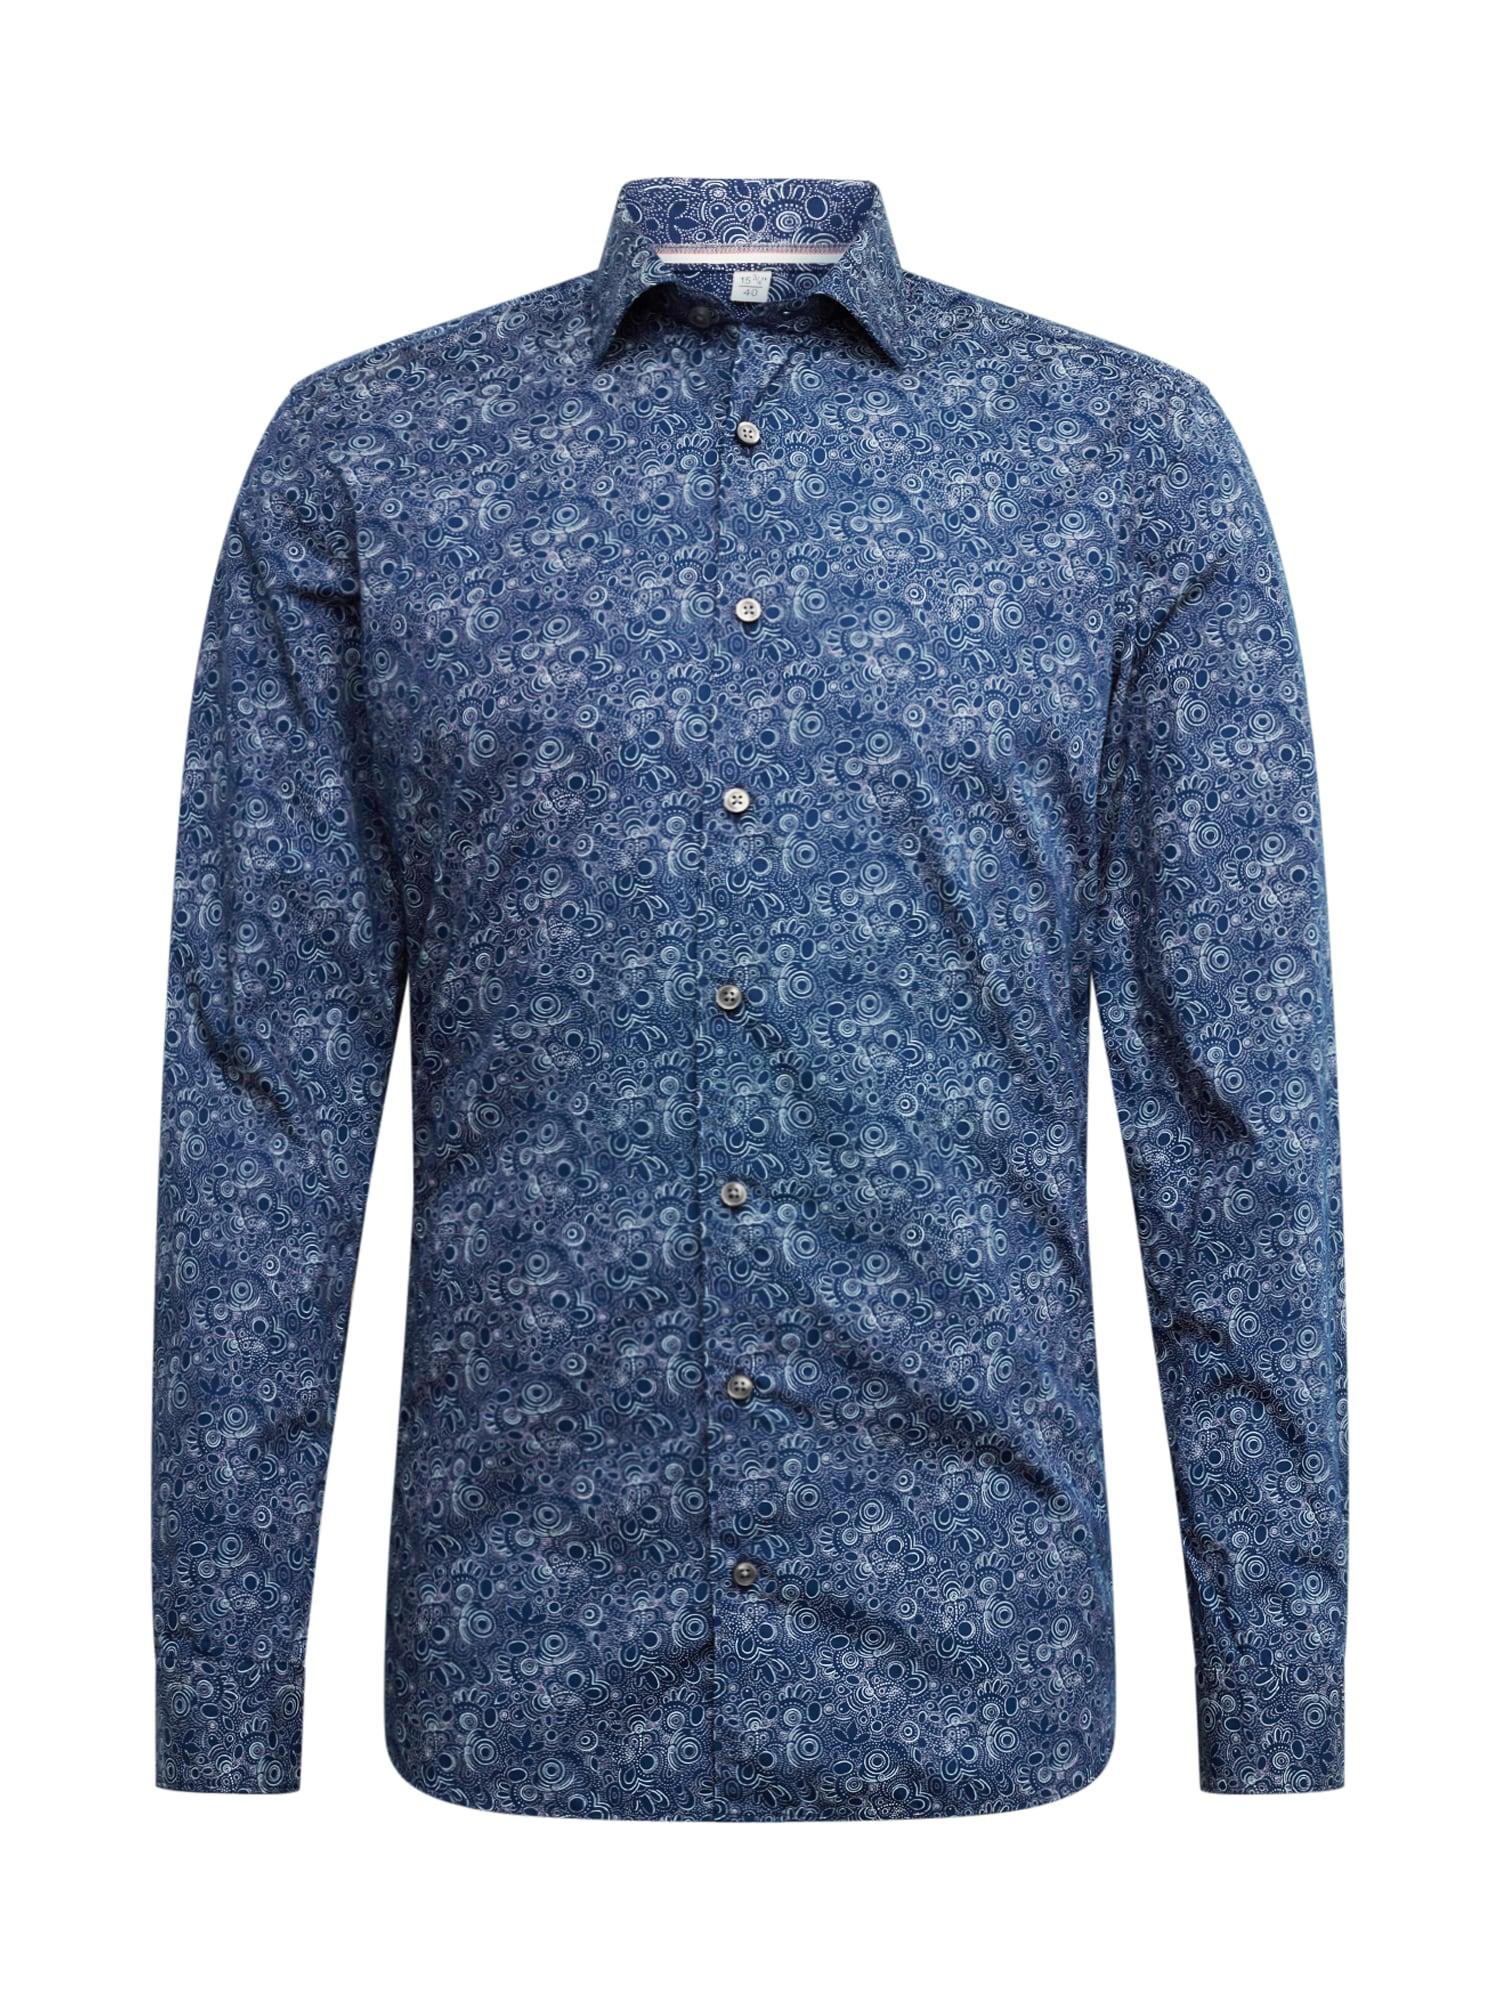 OLYMP Marškiniai tamsiai mėlyna